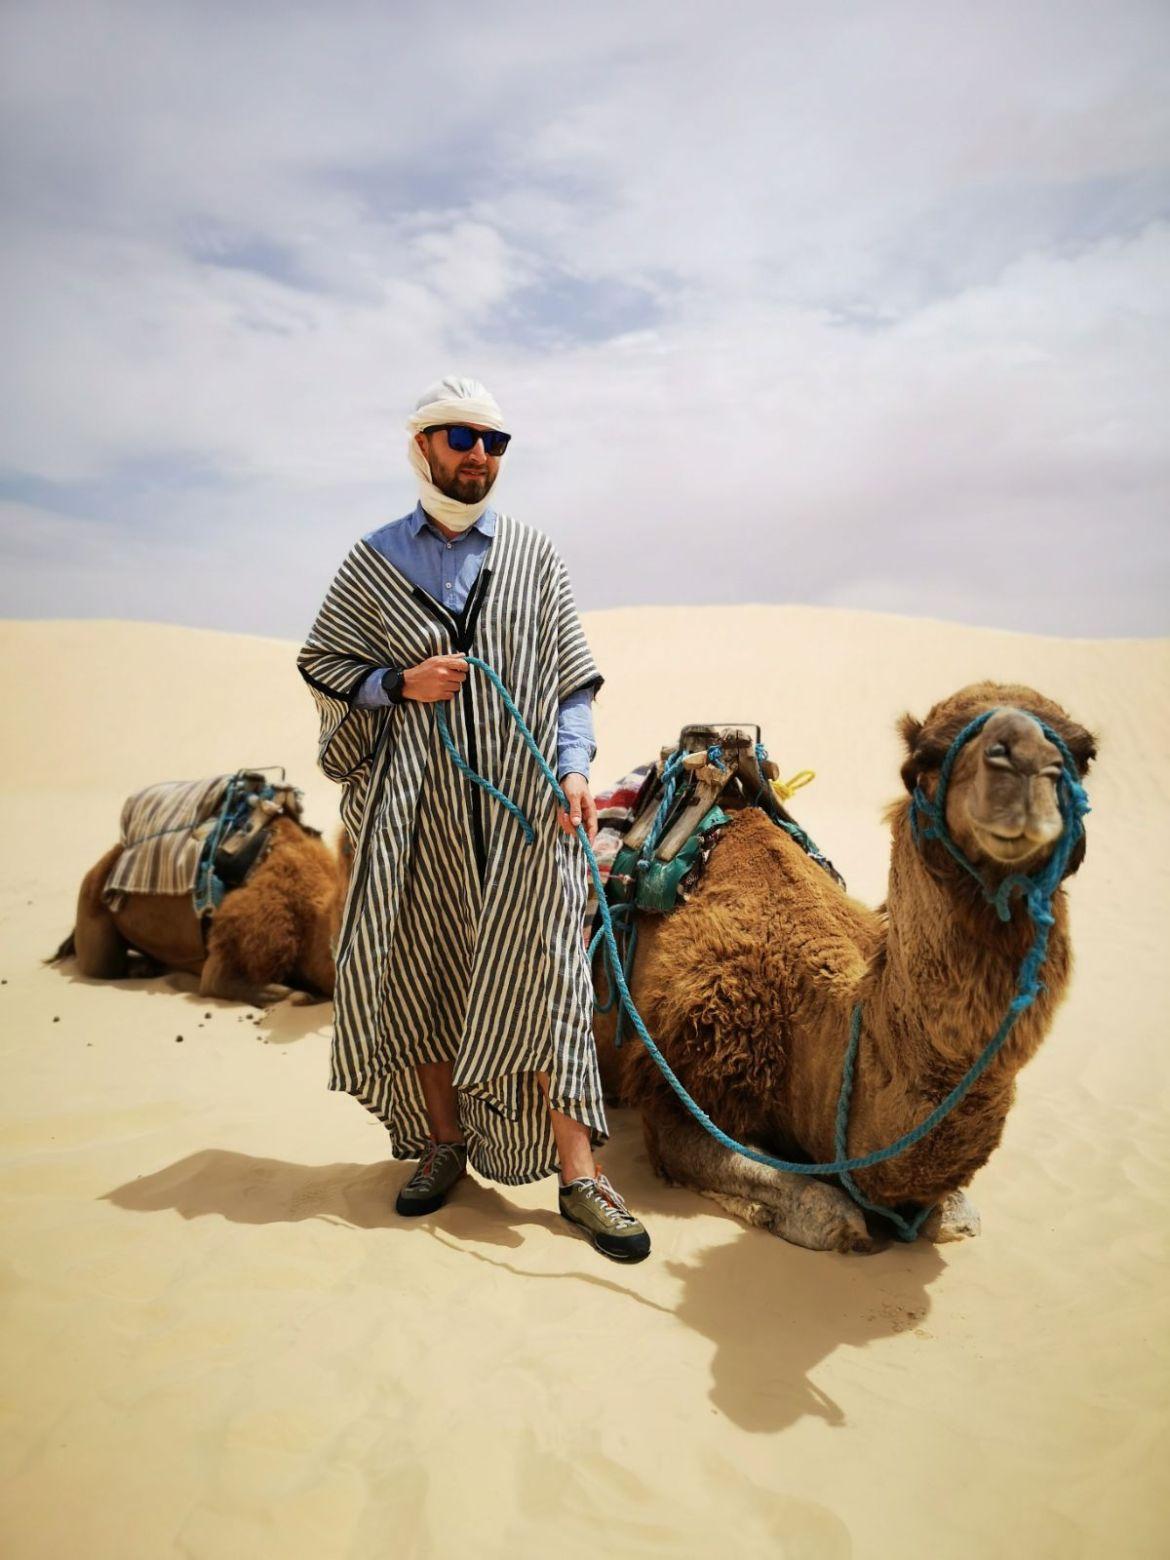 wielbłąd jazda na wielbładach pustynia